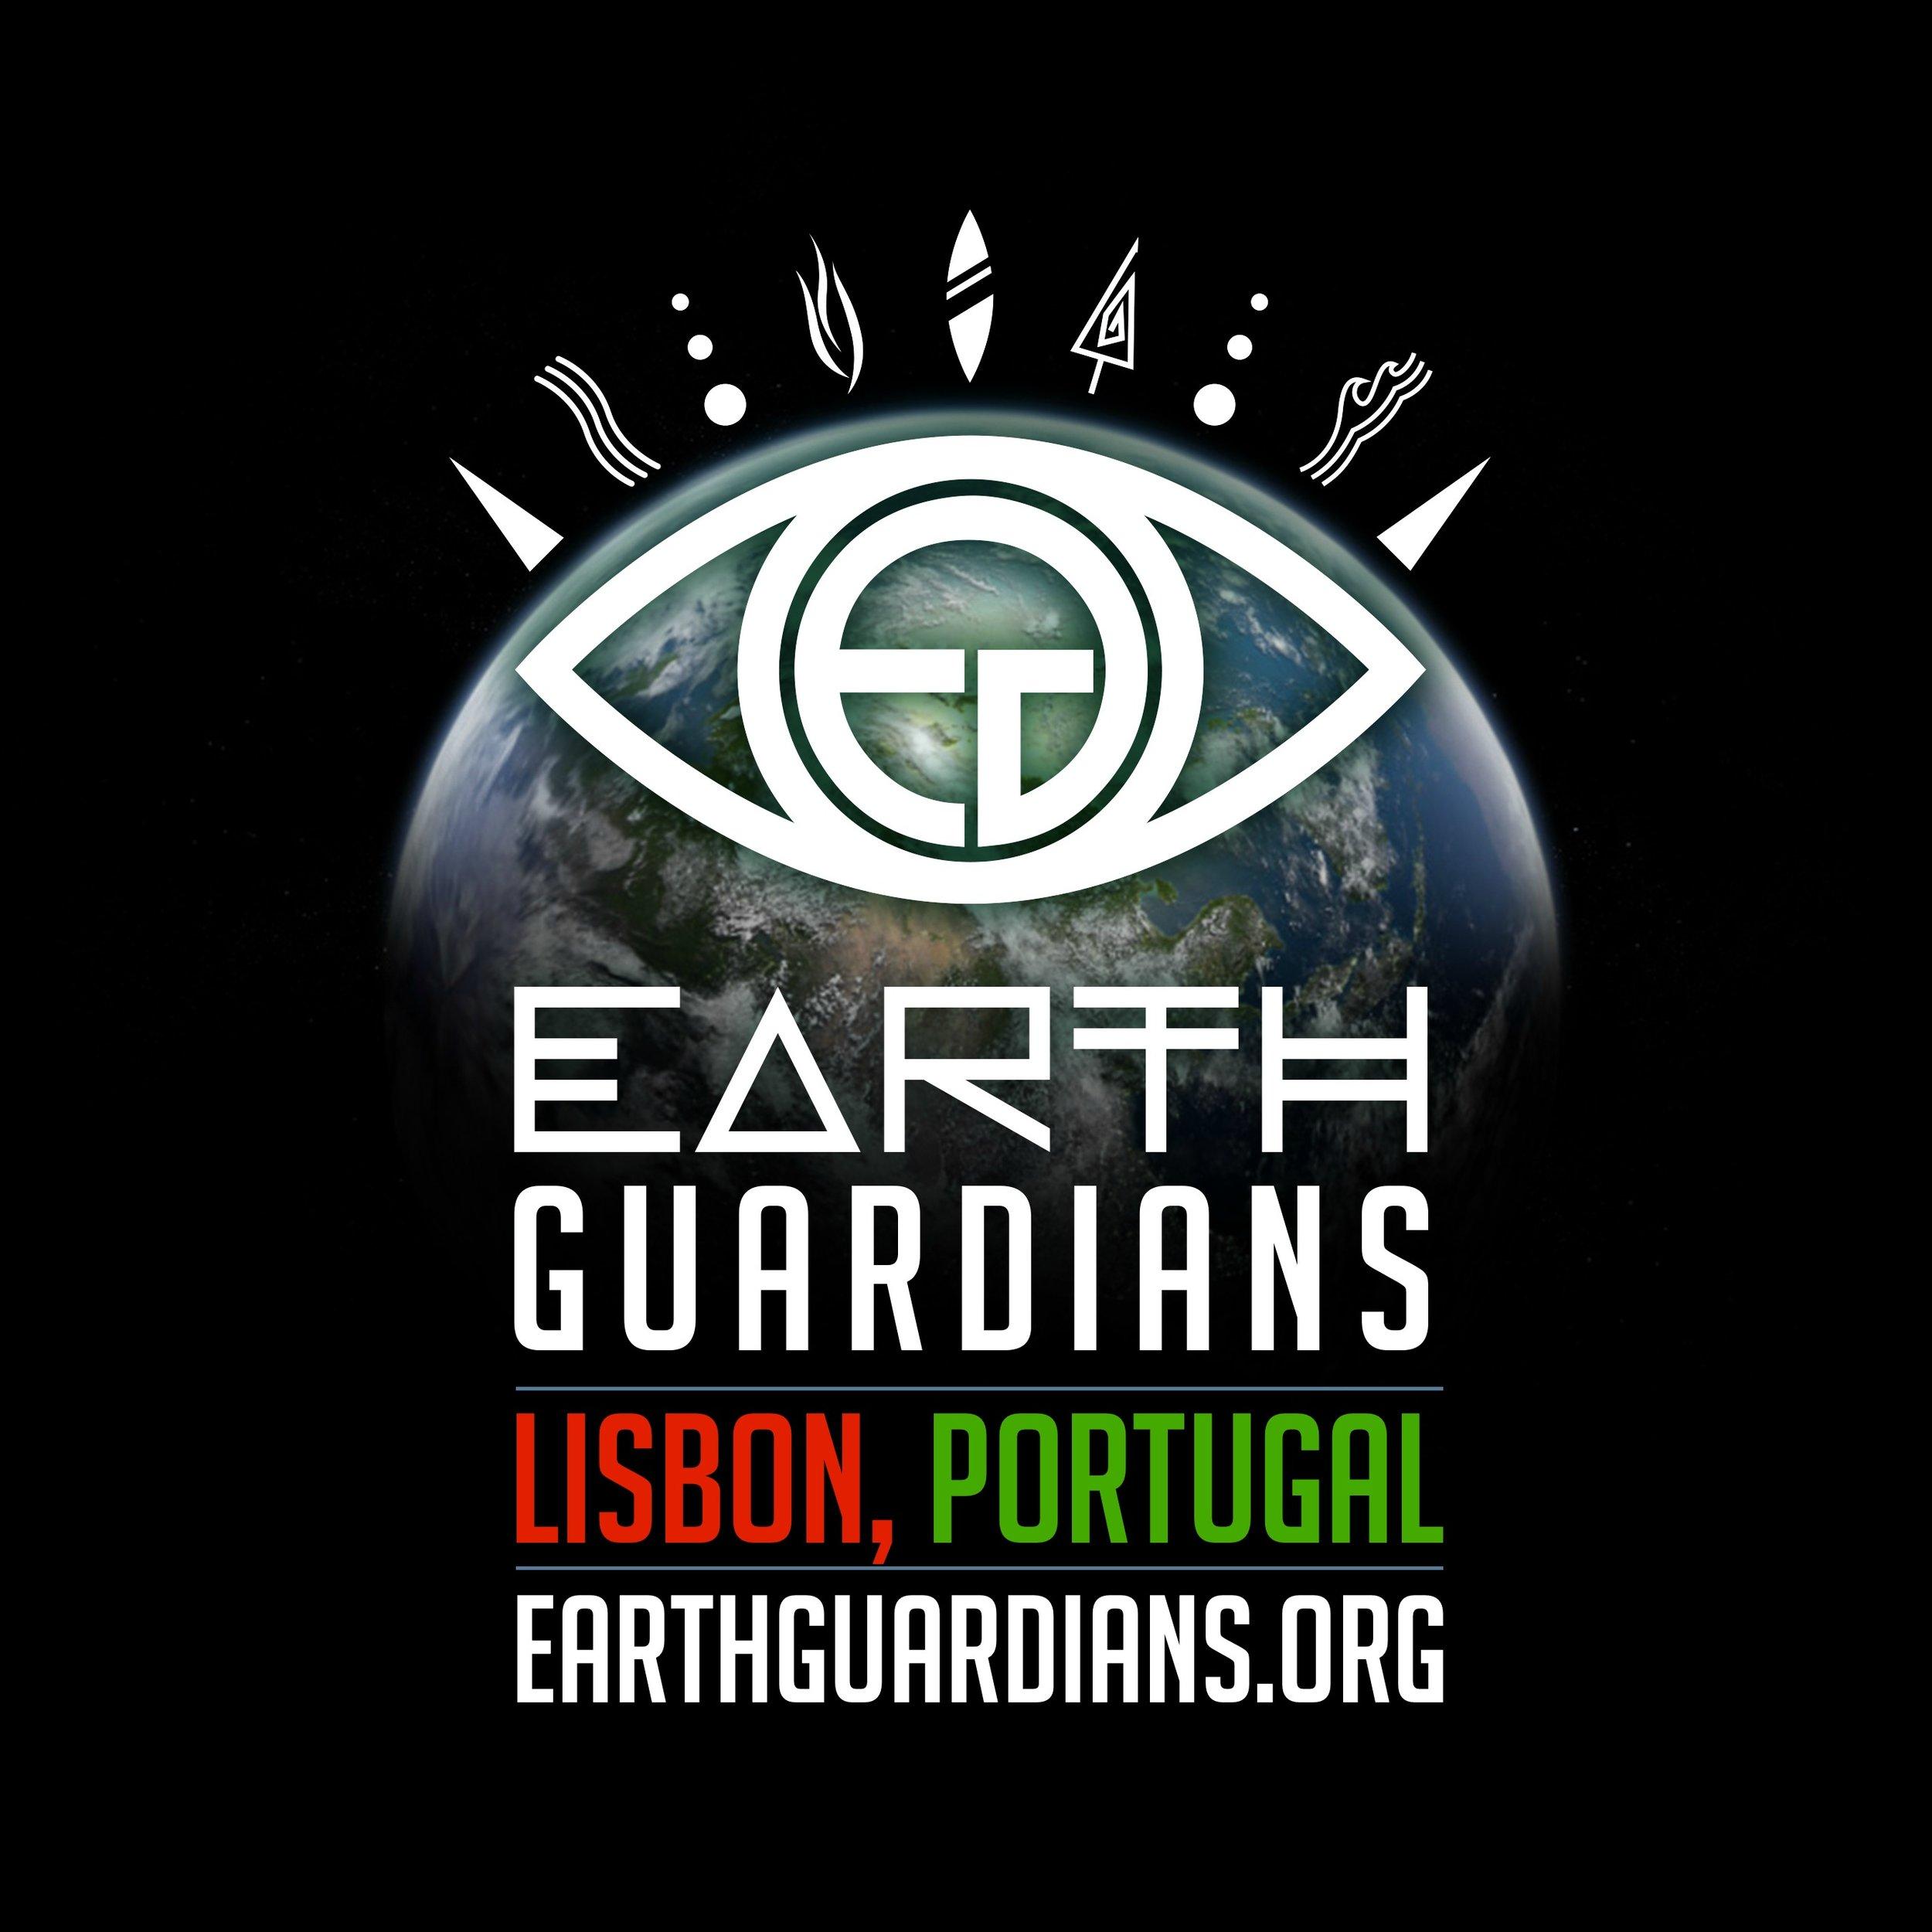 EG_crew logo LISBOA.jpg